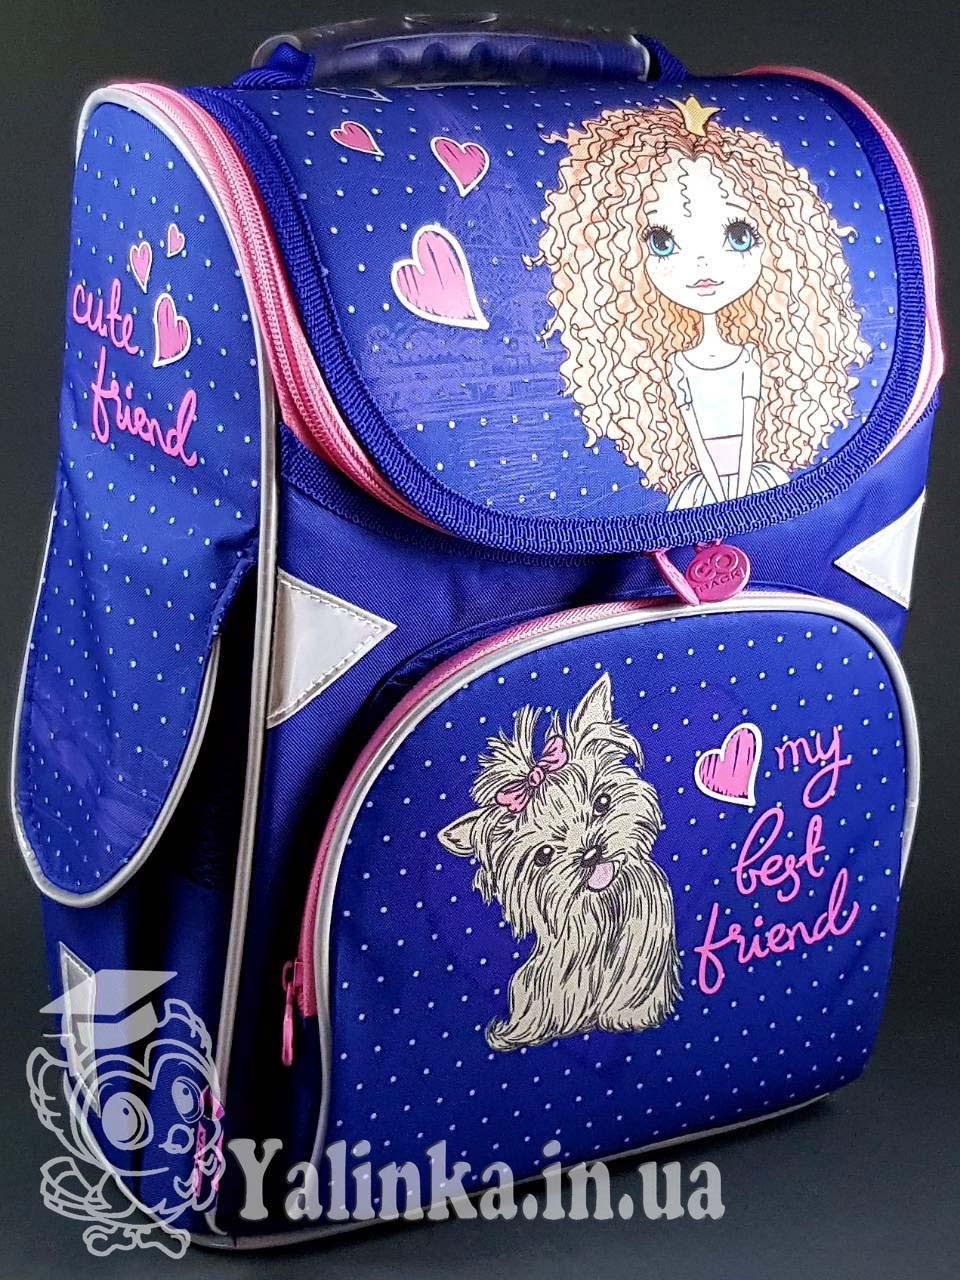 Рюкзак школьный каркасный GoPack 5001-4 GO19-5001S-4 ранец  рюкзак школьный hfytw ranec